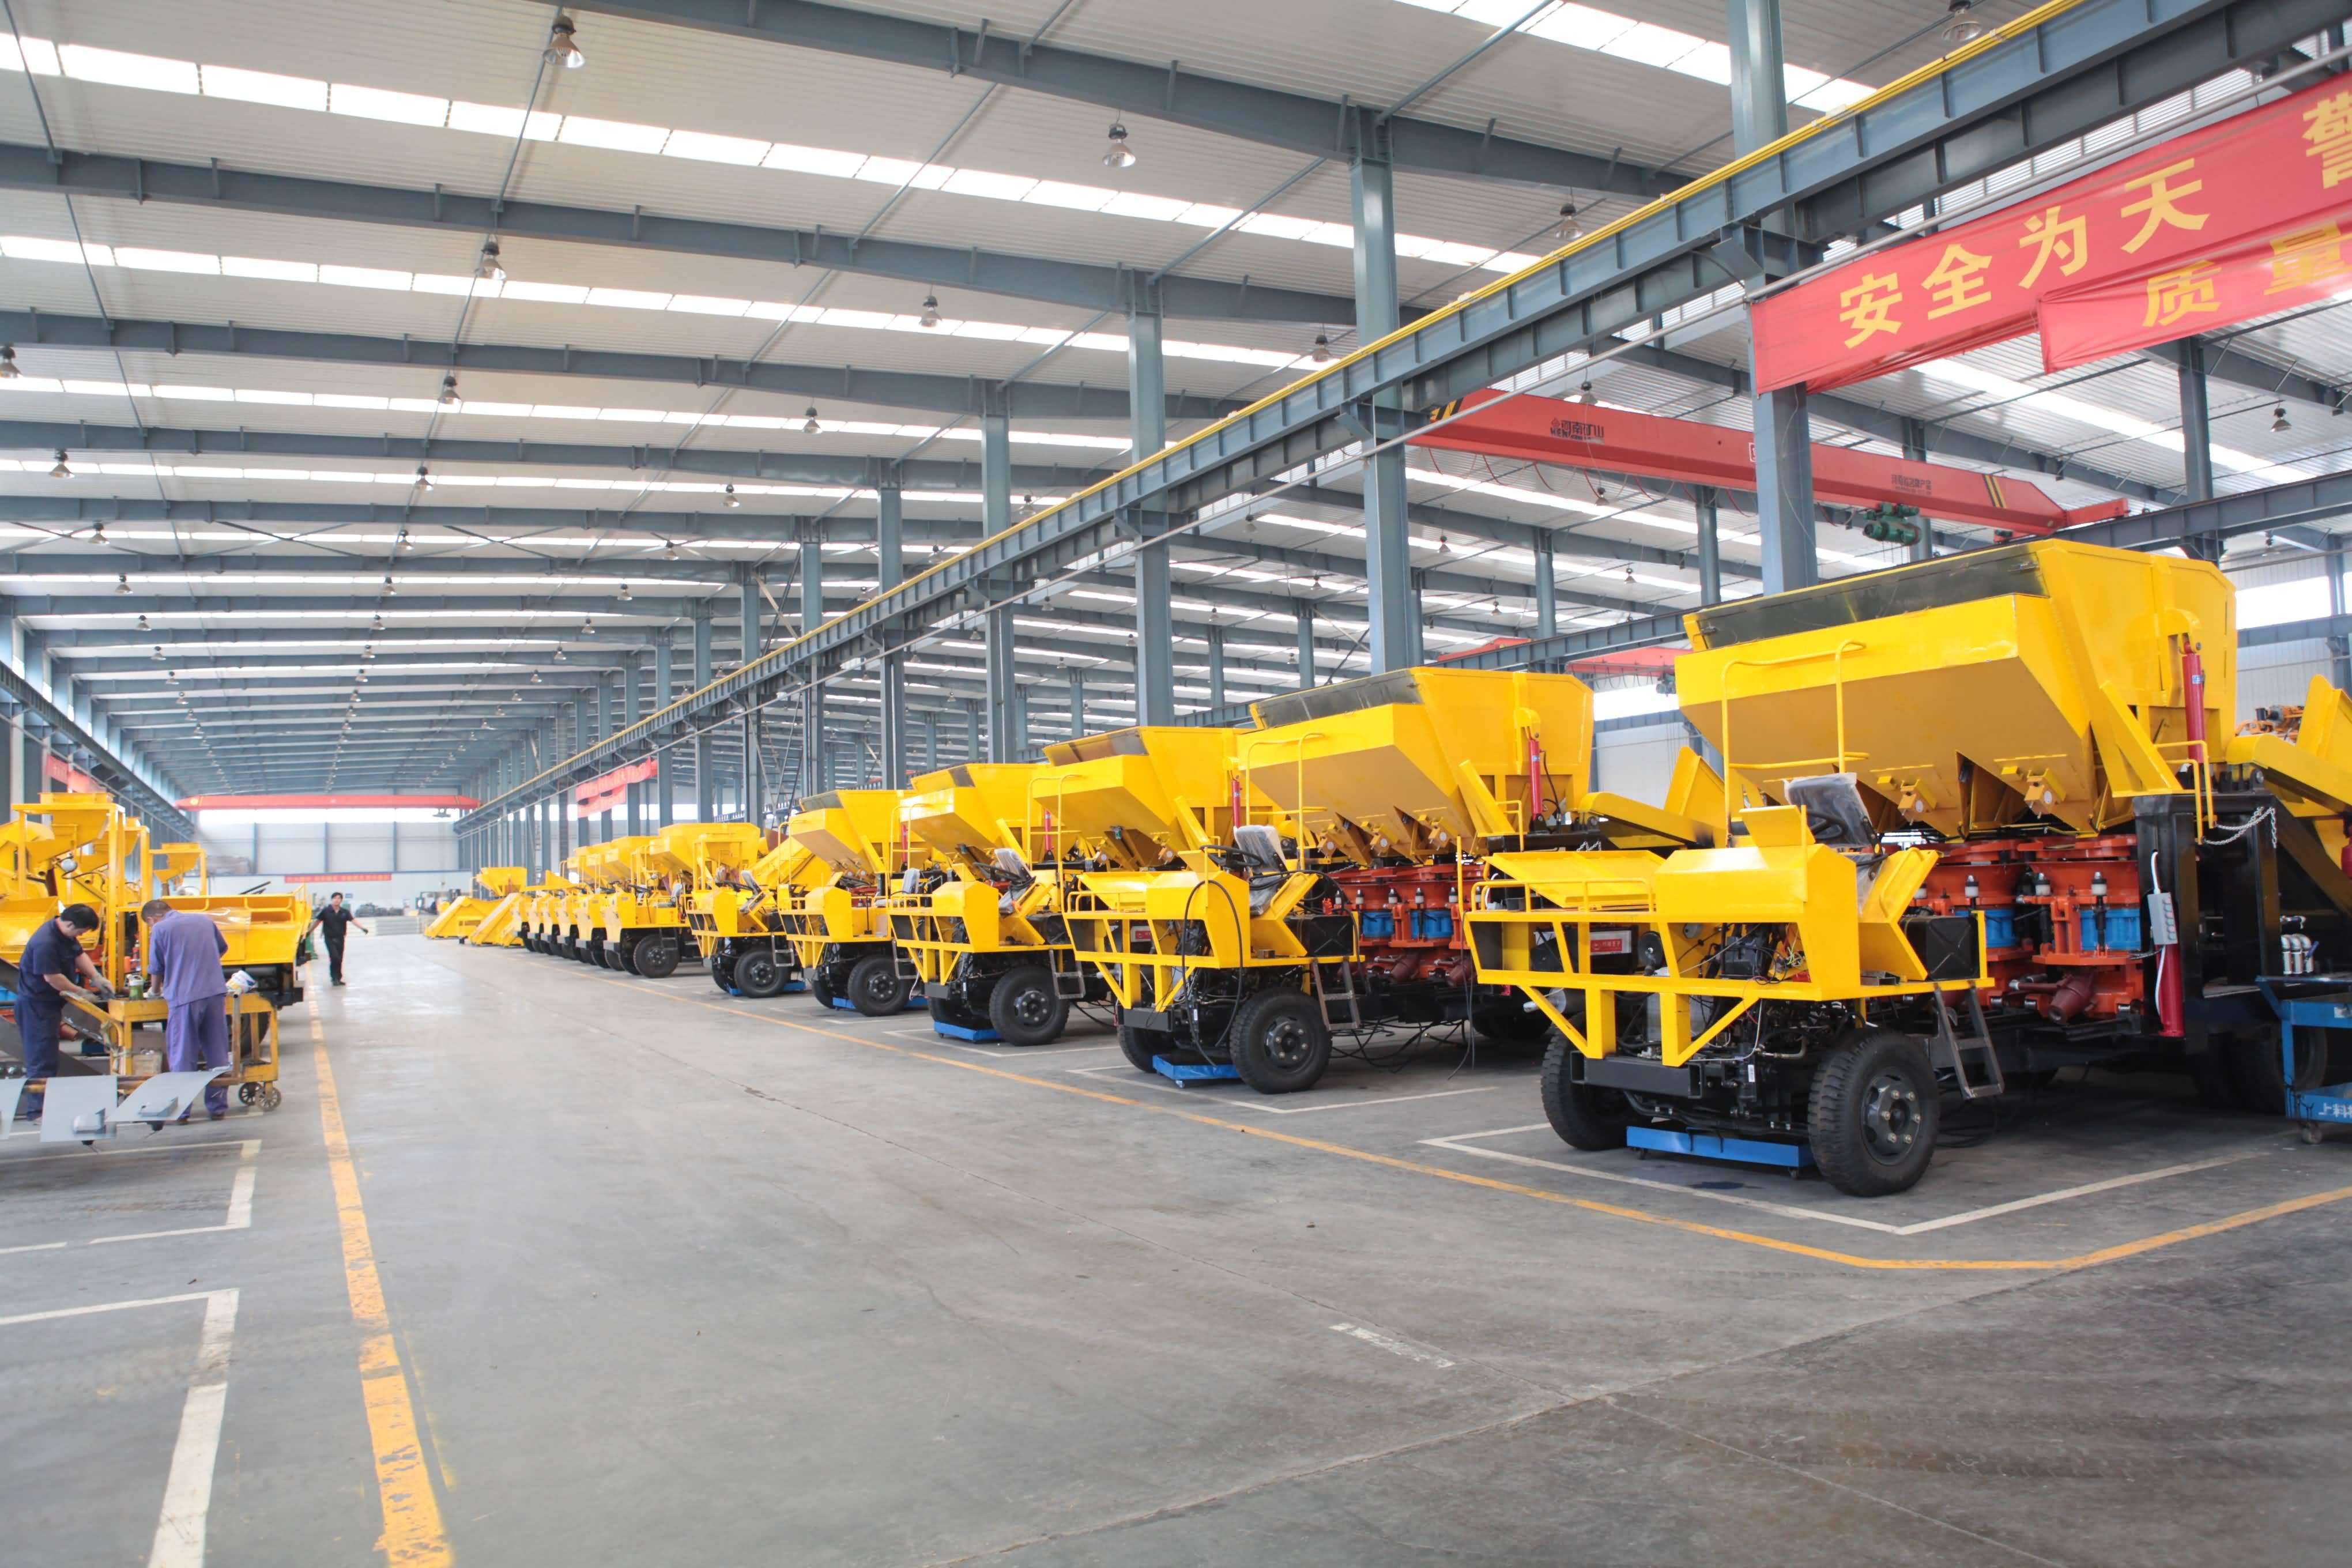 中国装备制造业发展迅速 未来行业发展趋势分析